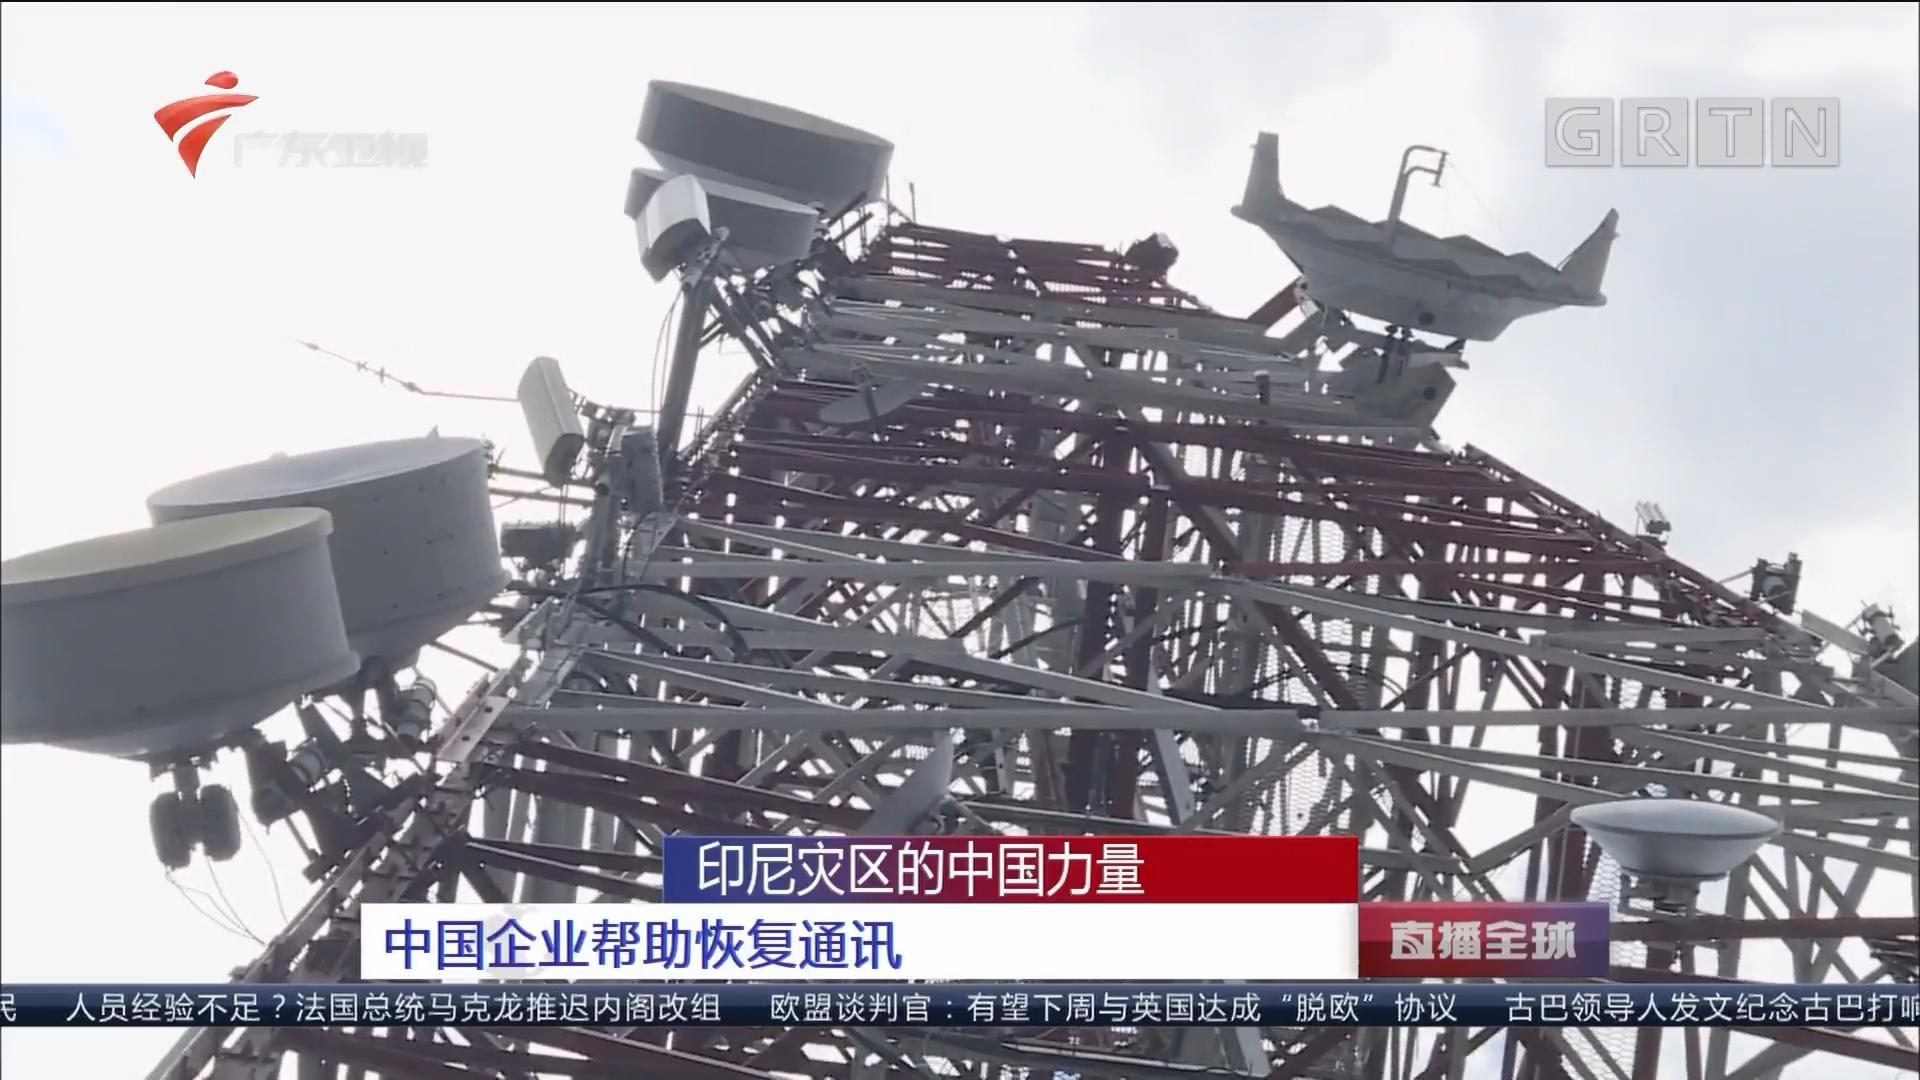 印尼灾区的中国力量:中国企业帮助恢复通讯